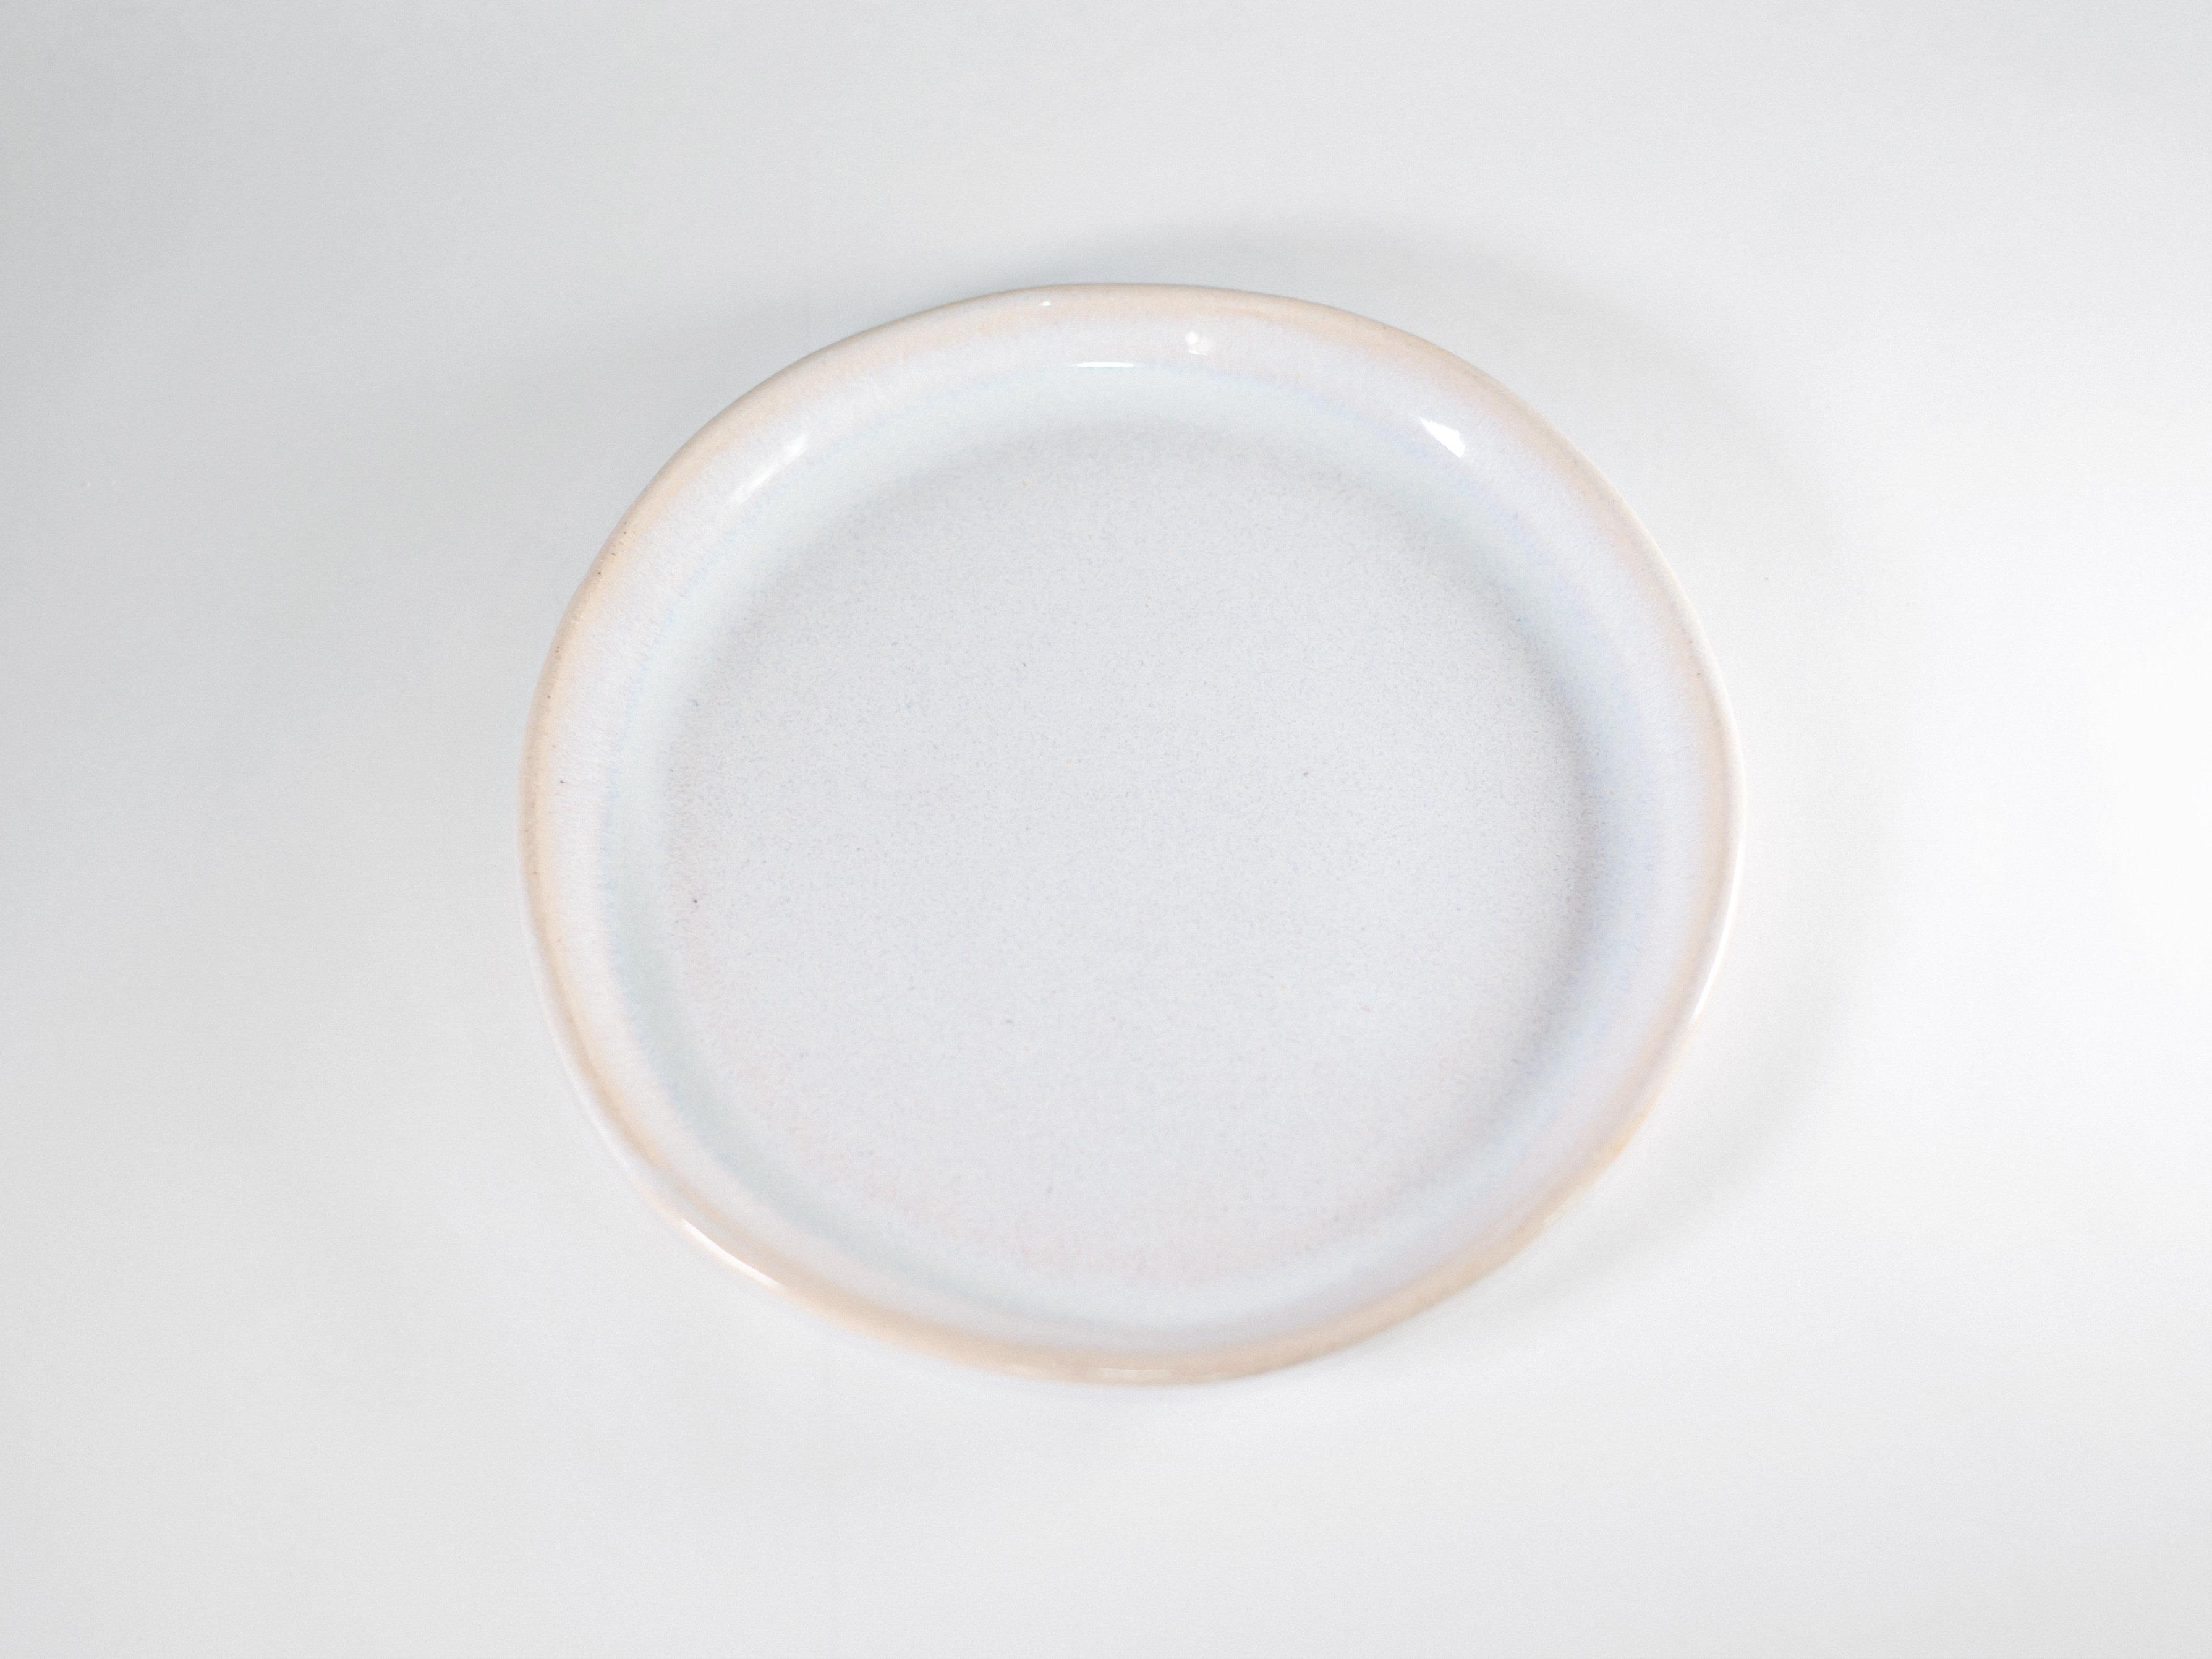 white-quartz-salad-dessert-plate